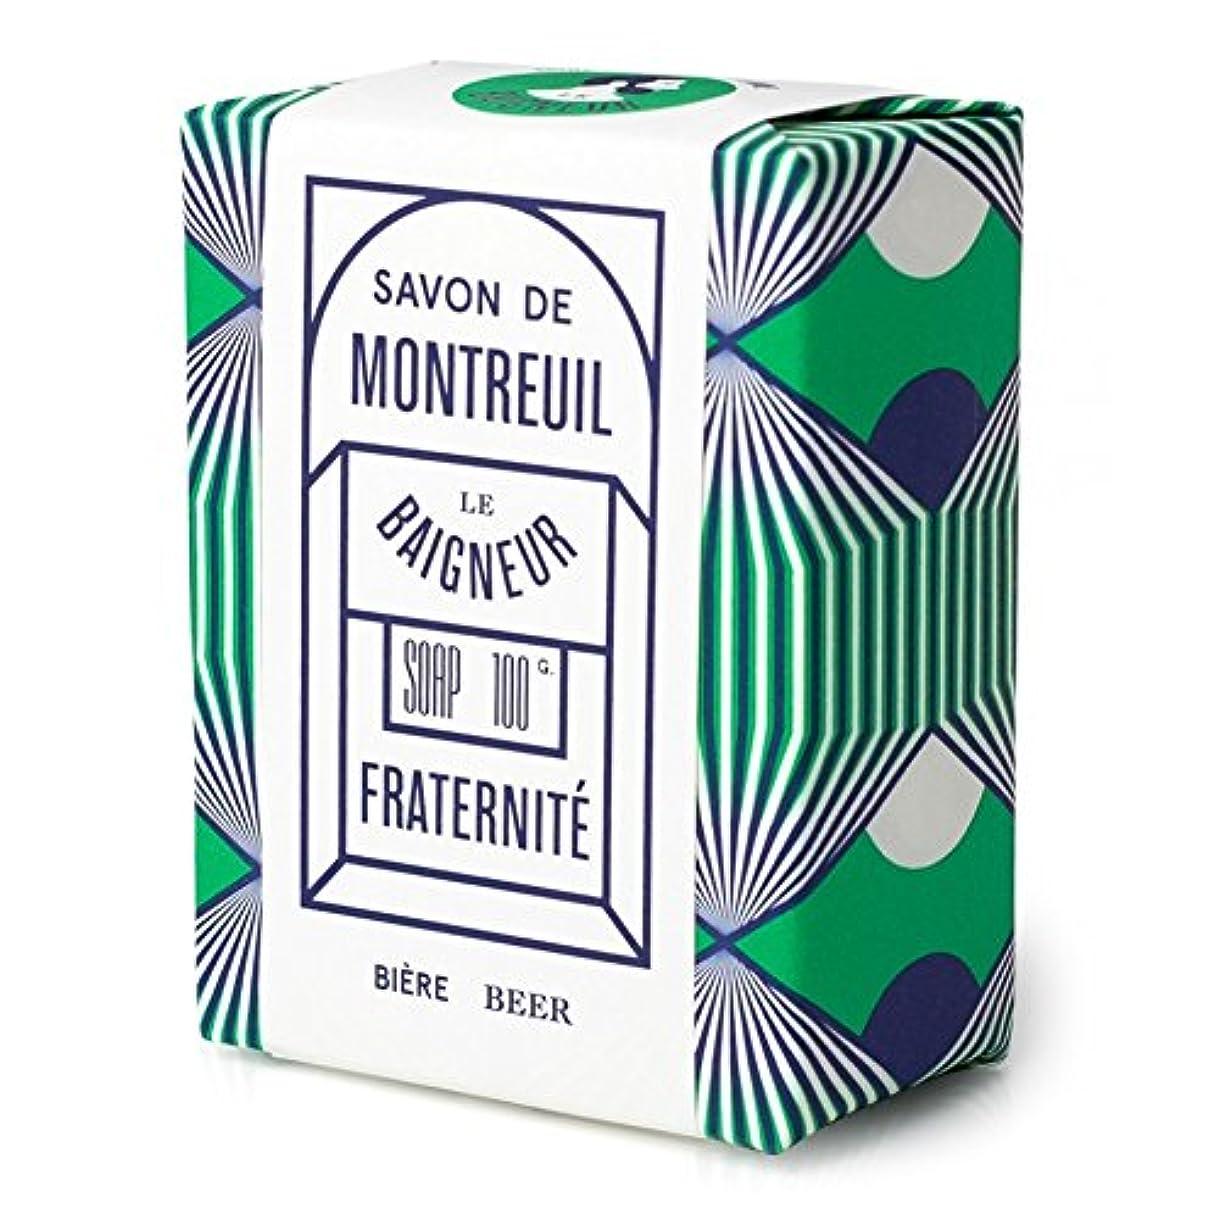 成熟緩める細心のル 石鹸100グラム x4 - Le Baigneur Fraternite Soap 100g (Pack of 4) [並行輸入品]